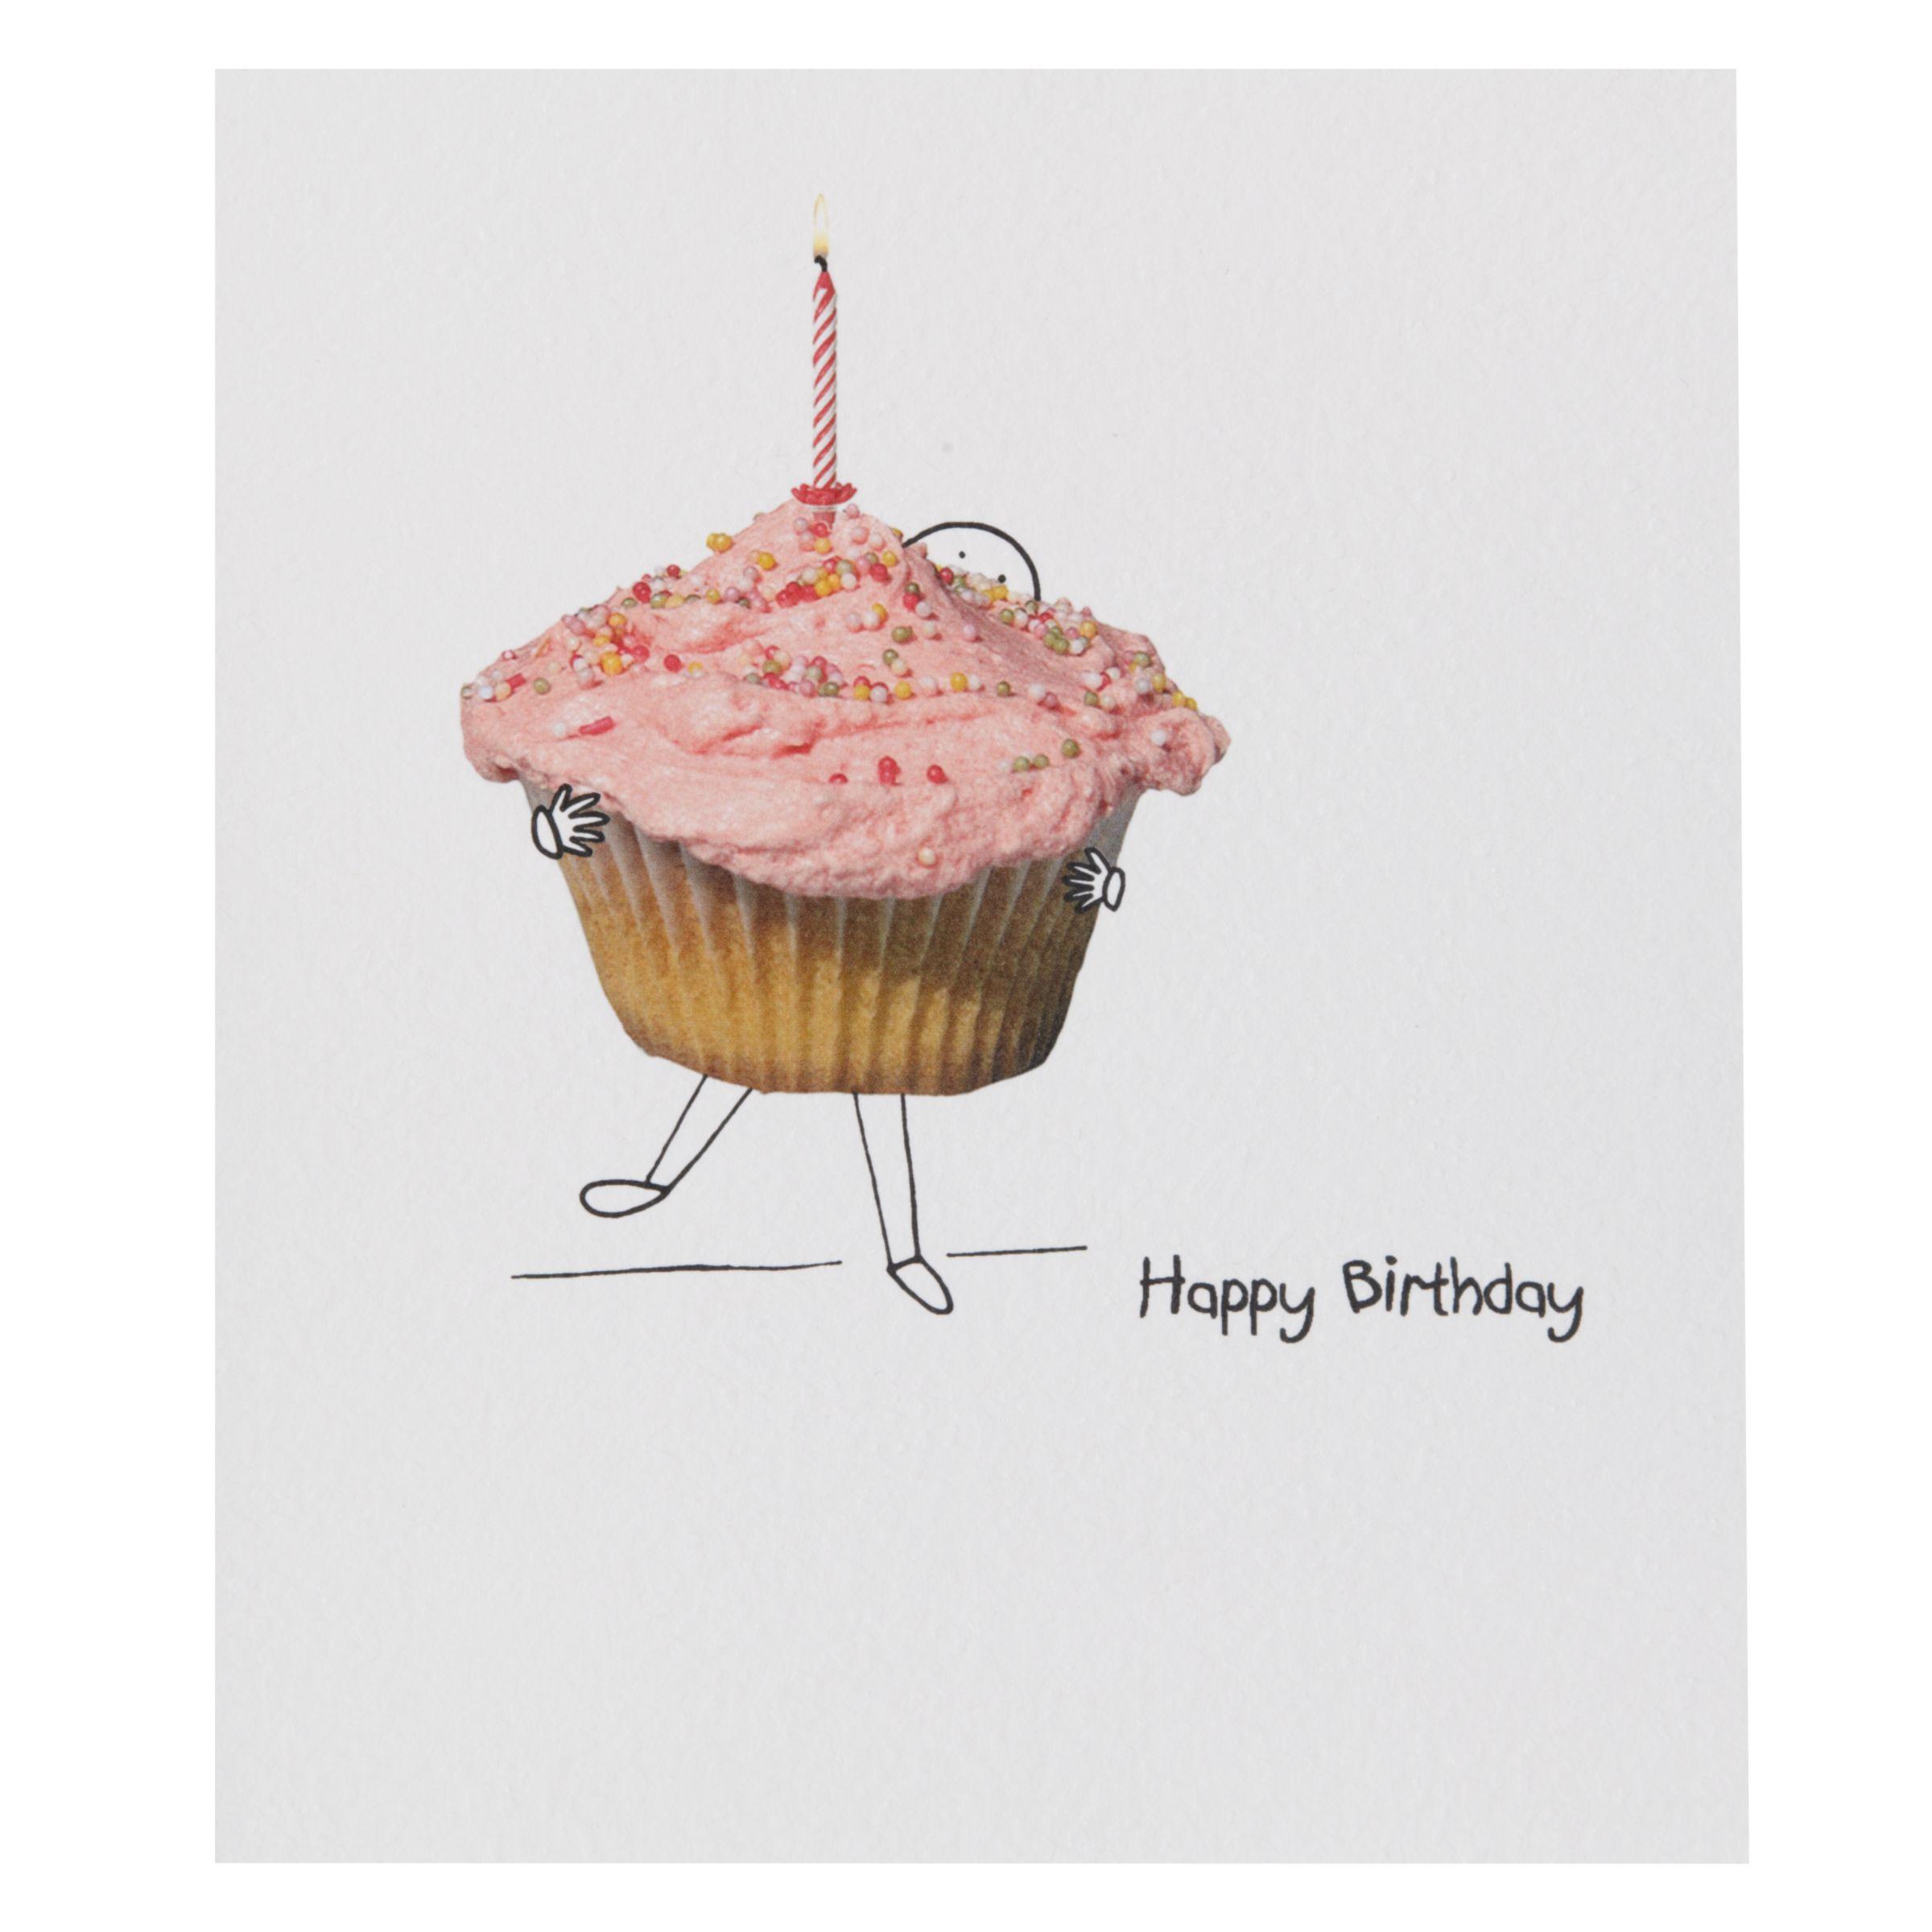 Birthday Cake John Lewis : Buy Portfolio Fairy Cake Birthday Card John Lewis